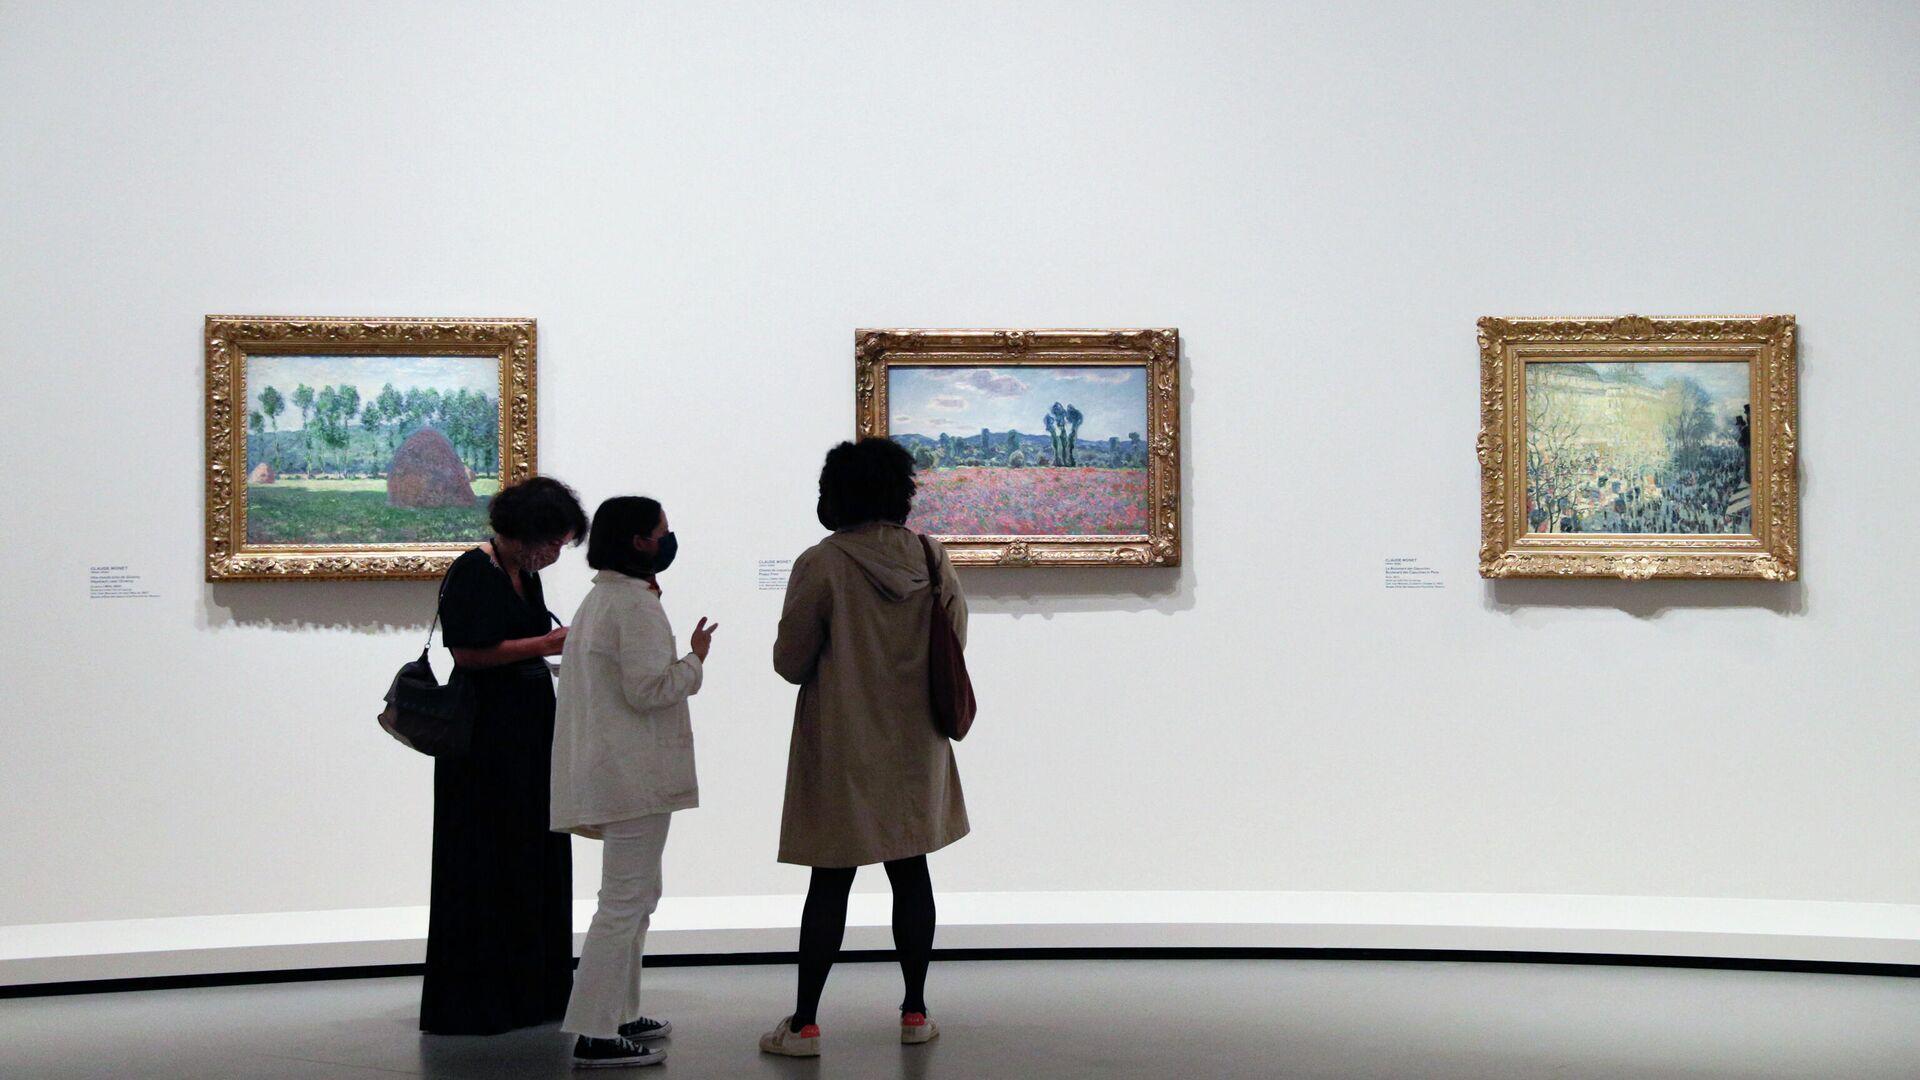 Посетители смотрят на работы французского художника Пьера Боннара во время пресс-показа выставки коллекции братьев Морозовых в фонде Louis Vuitton в Париже - Sputnik Беларусь, 1920, 23.09.2021